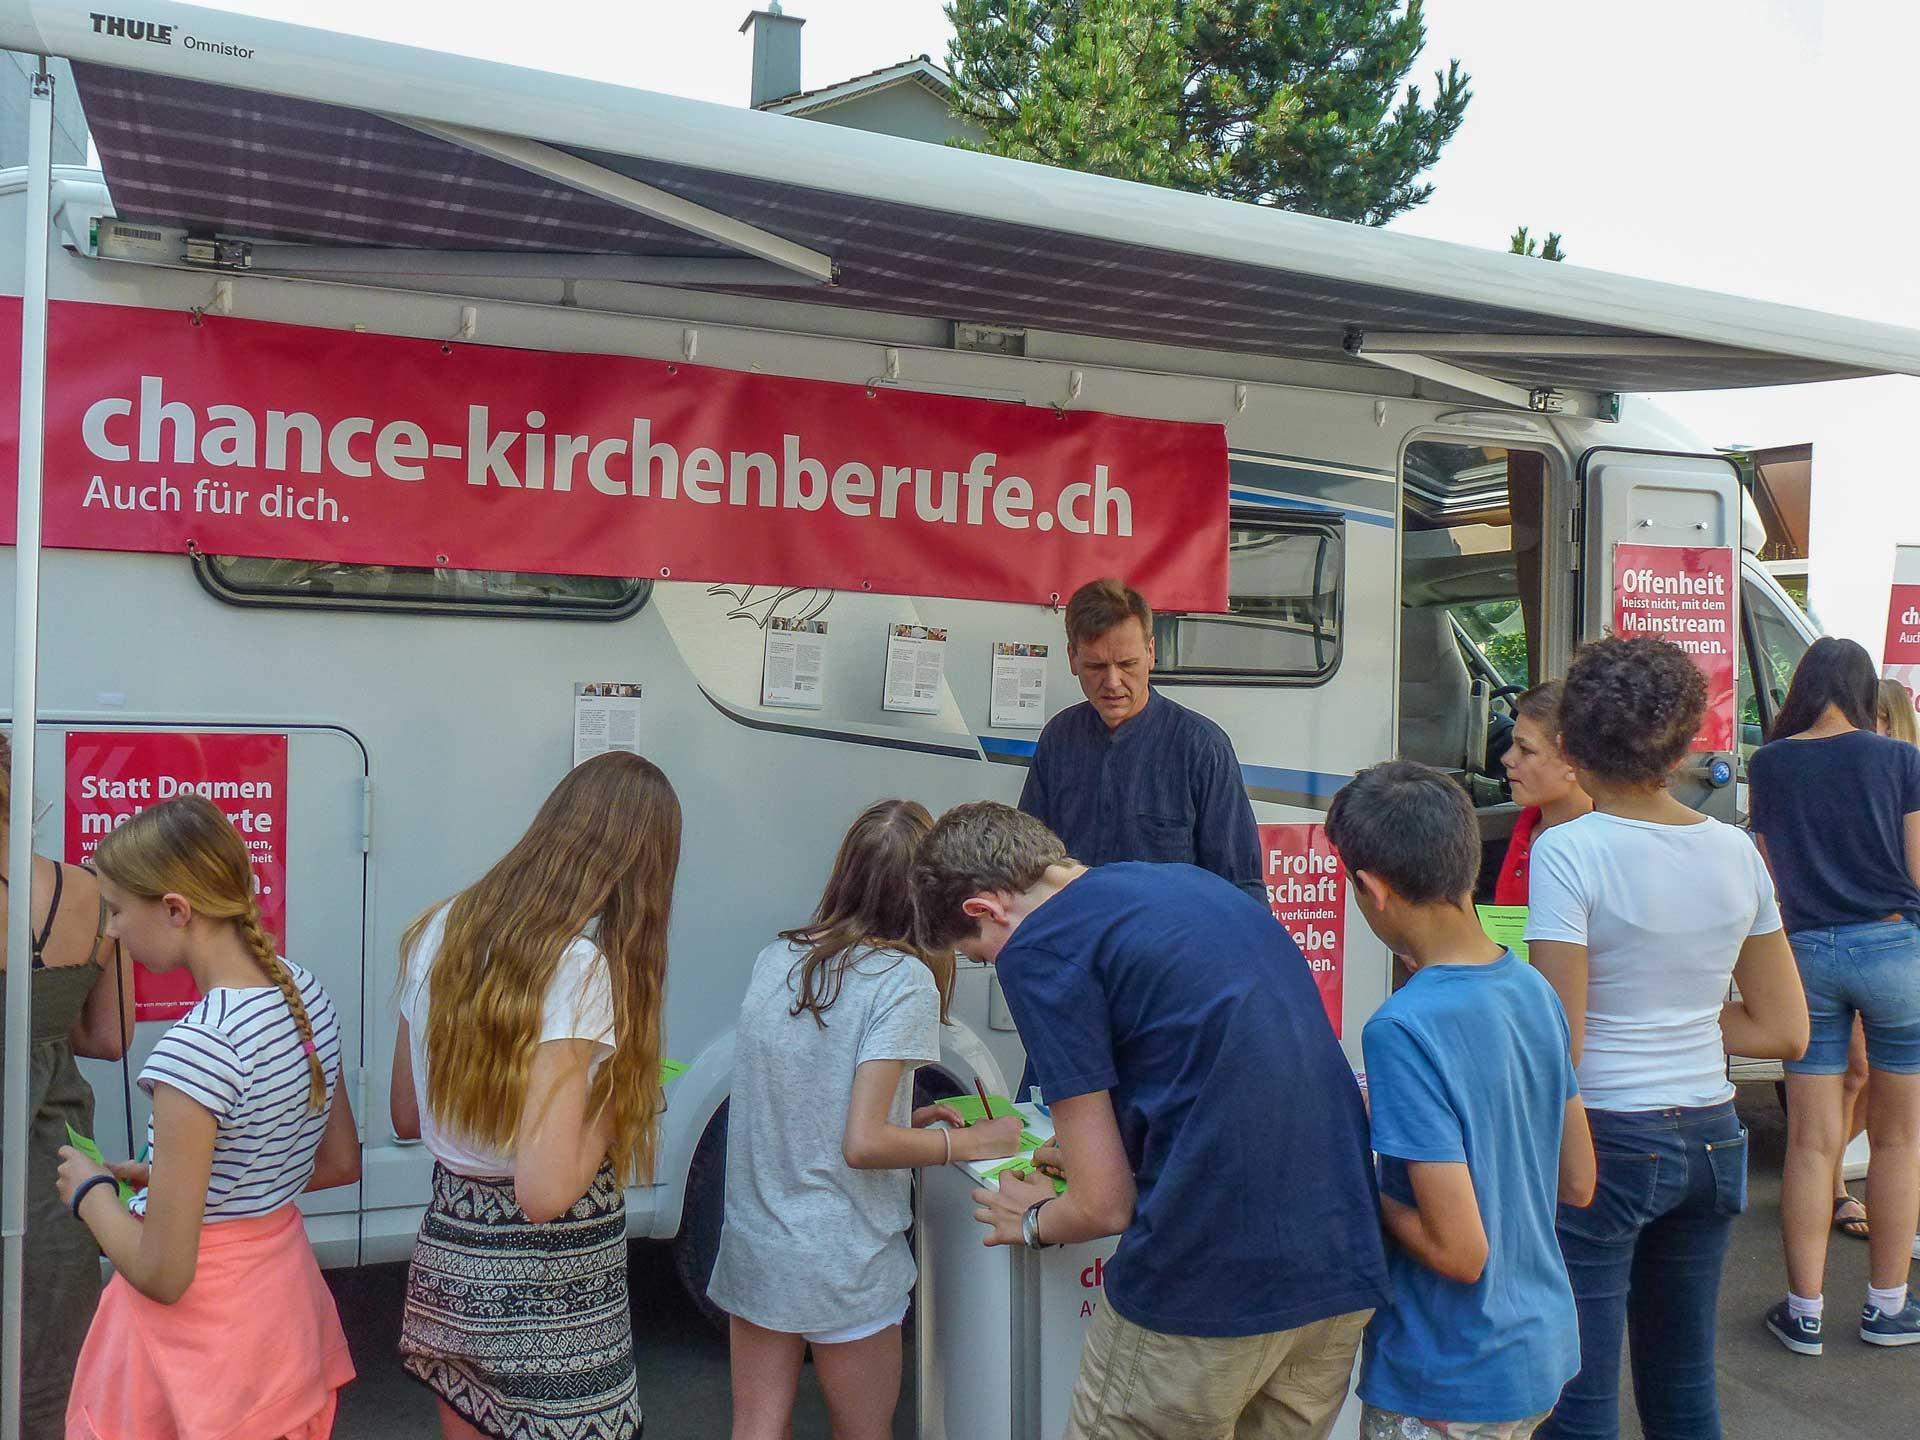 «Ich will nicht schwarzmalen, aber realistisch sein»: Kampagnenleiter Thomas Leist (Mitte) mit dem «Chancenmobil» auf Schulbesuch. | © Chance Kirchenberufe